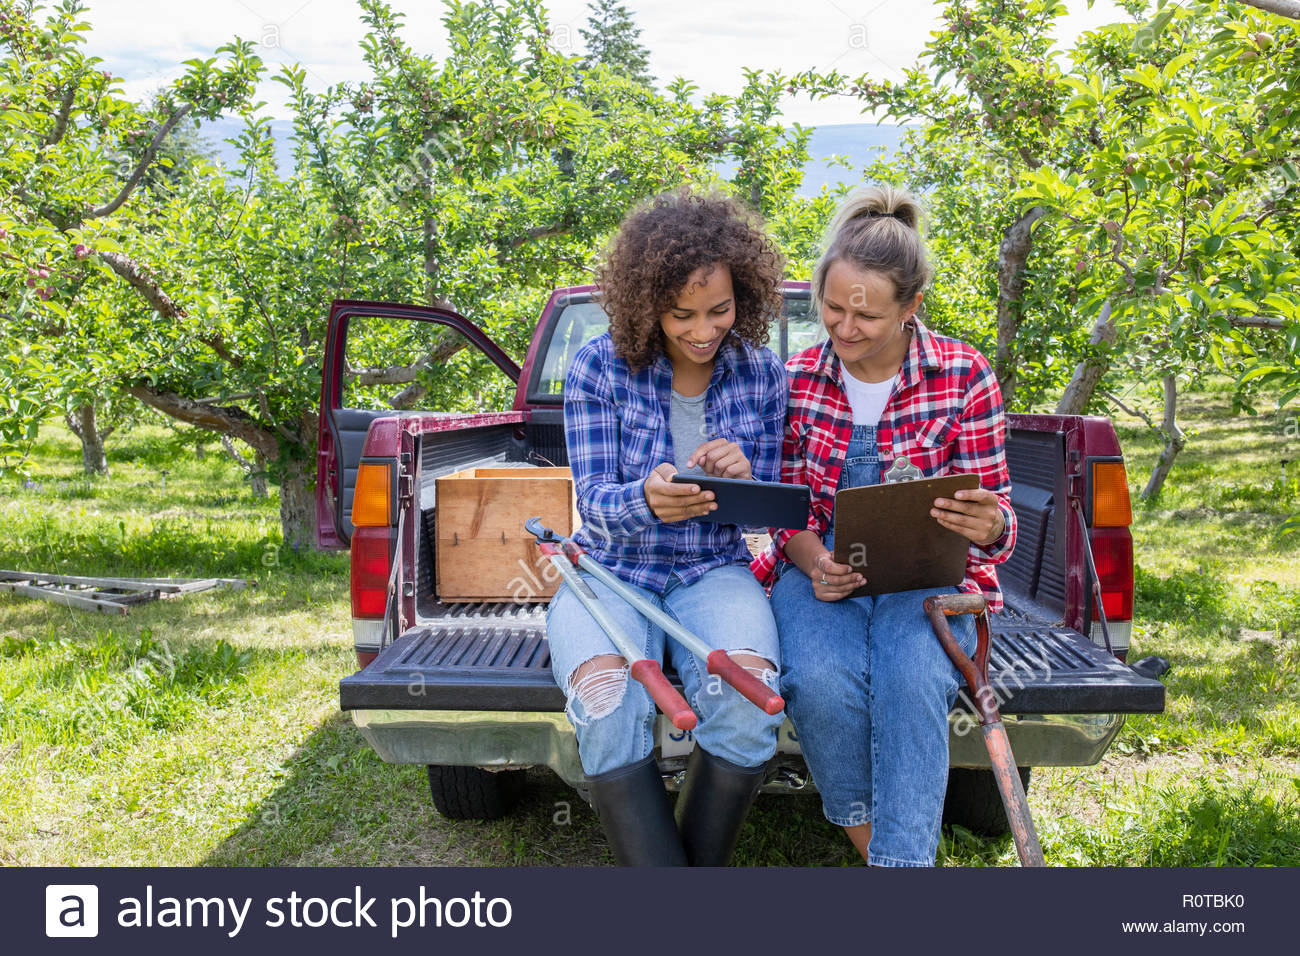 Gli agricoltori femmina con tavoletta digitale e appunti seduto sul retro del carrello in Orchard Immagini Stock